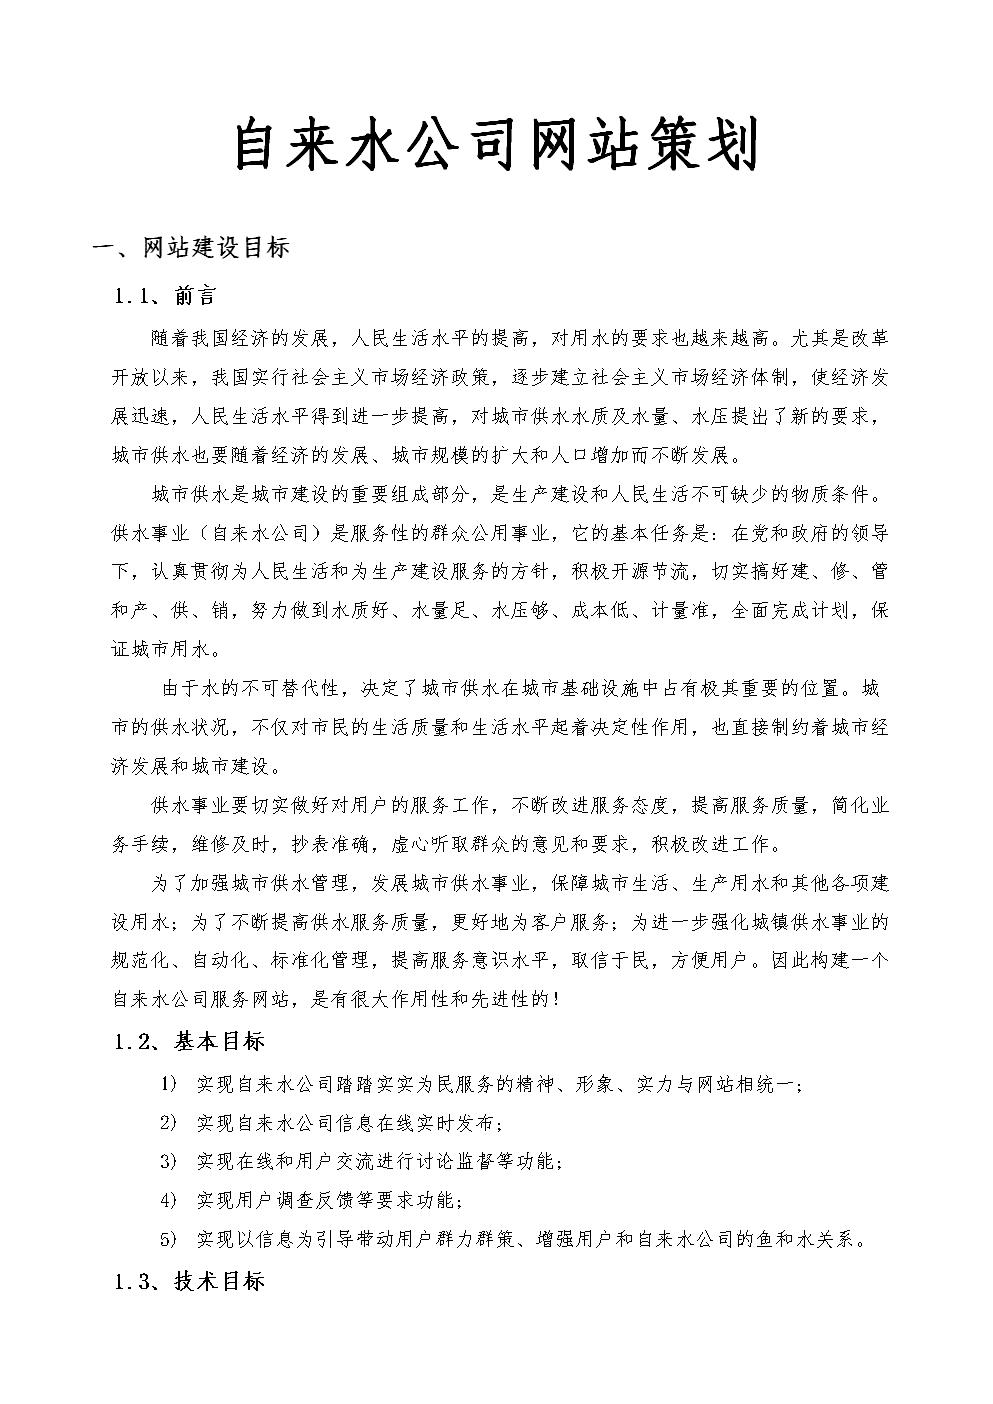 自来水公司网站项目策划.doc